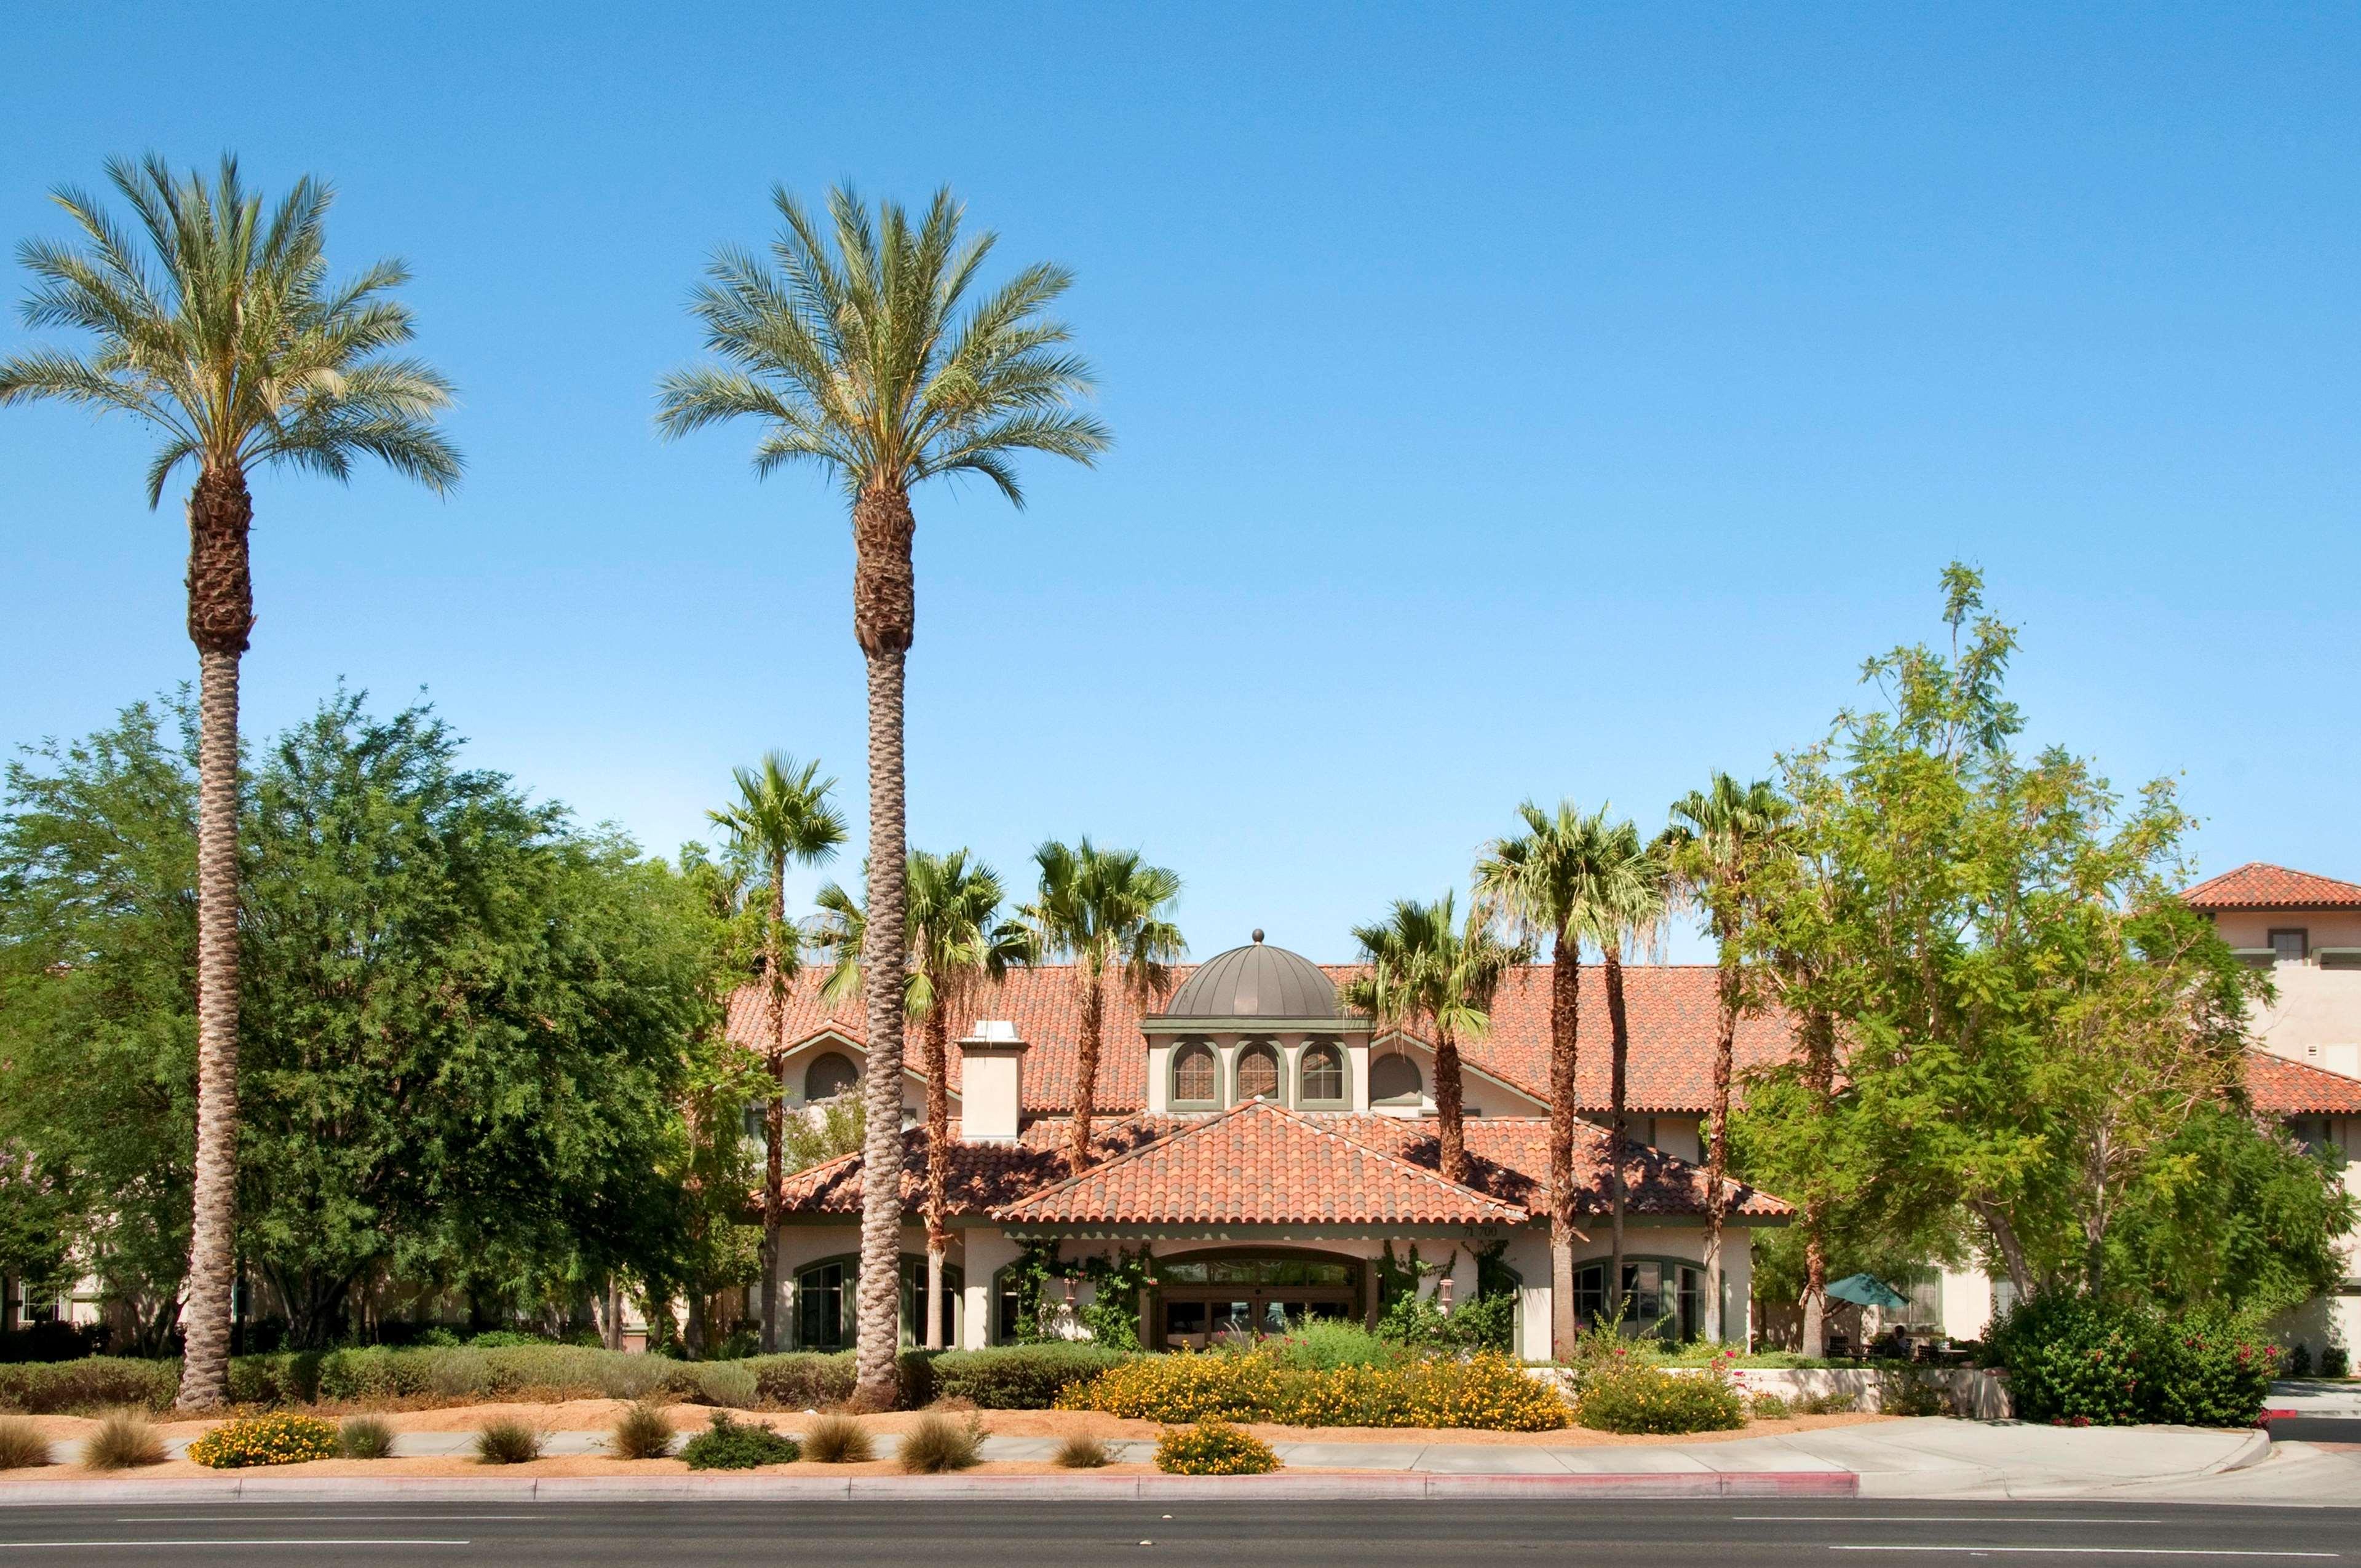 Hilton Garden Inn Palm Springs Rancho Mirage Coupons Near Me In Rancho Mirage 8coupons